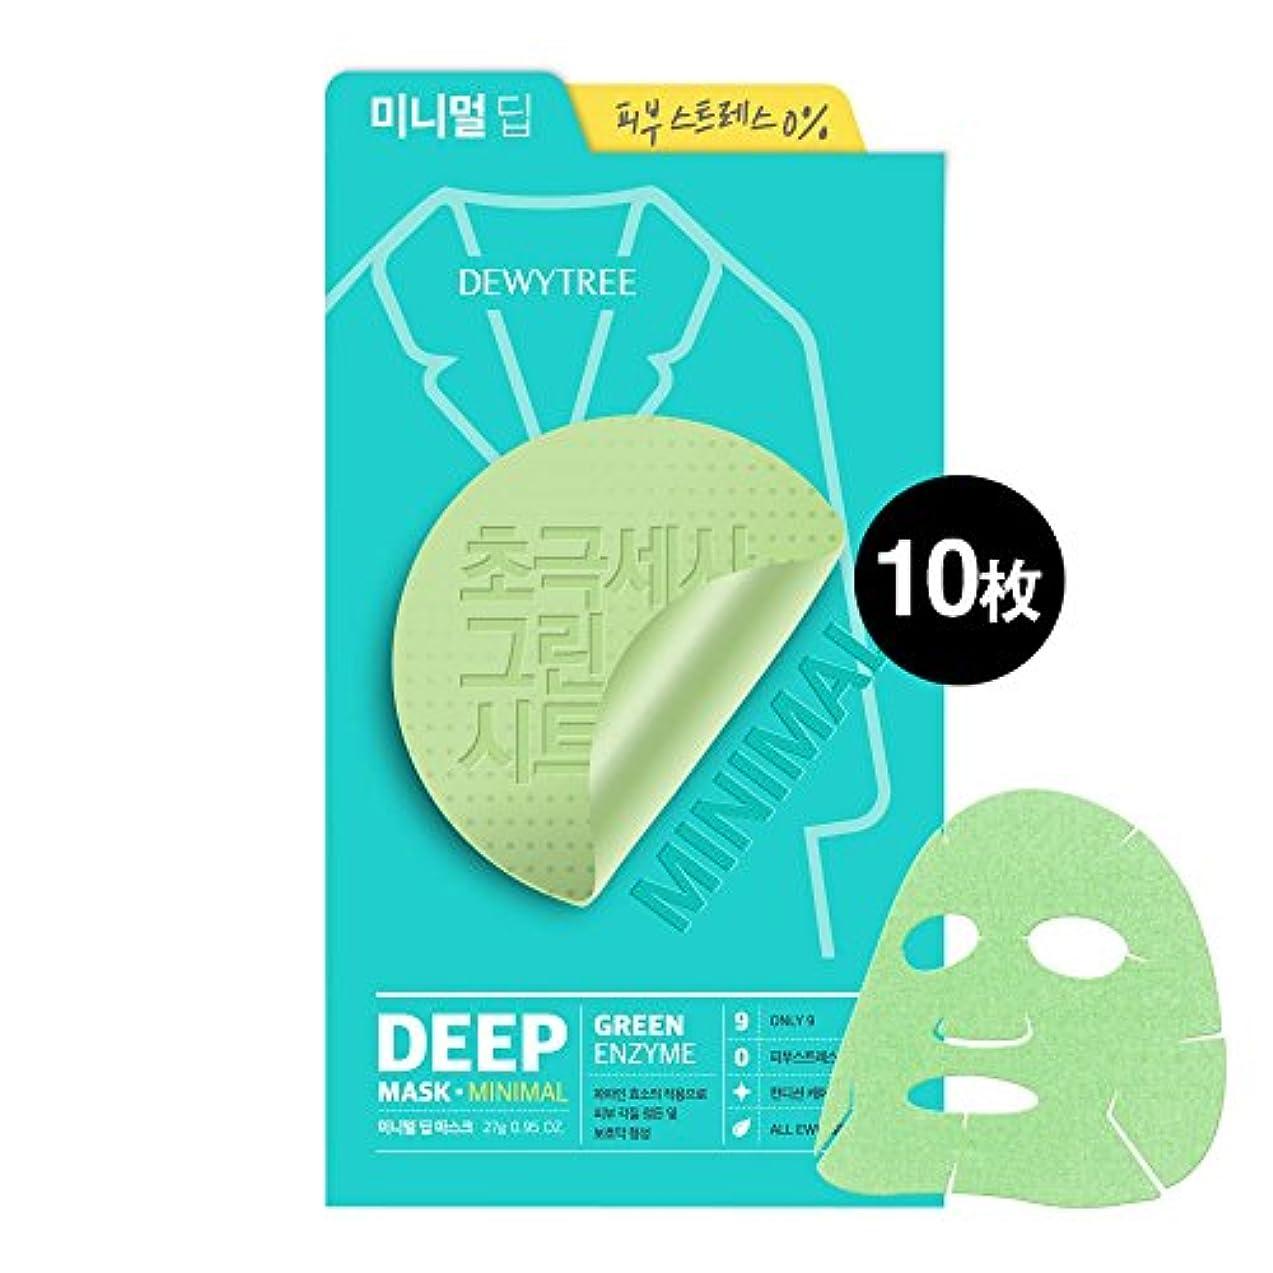 アーチステンレス大騒ぎ(デューイトゥリー) DEWYTREE ミニマルディープマスク 10枚 Minimal Deep Mask 韓国マスクパック (並行輸入品)